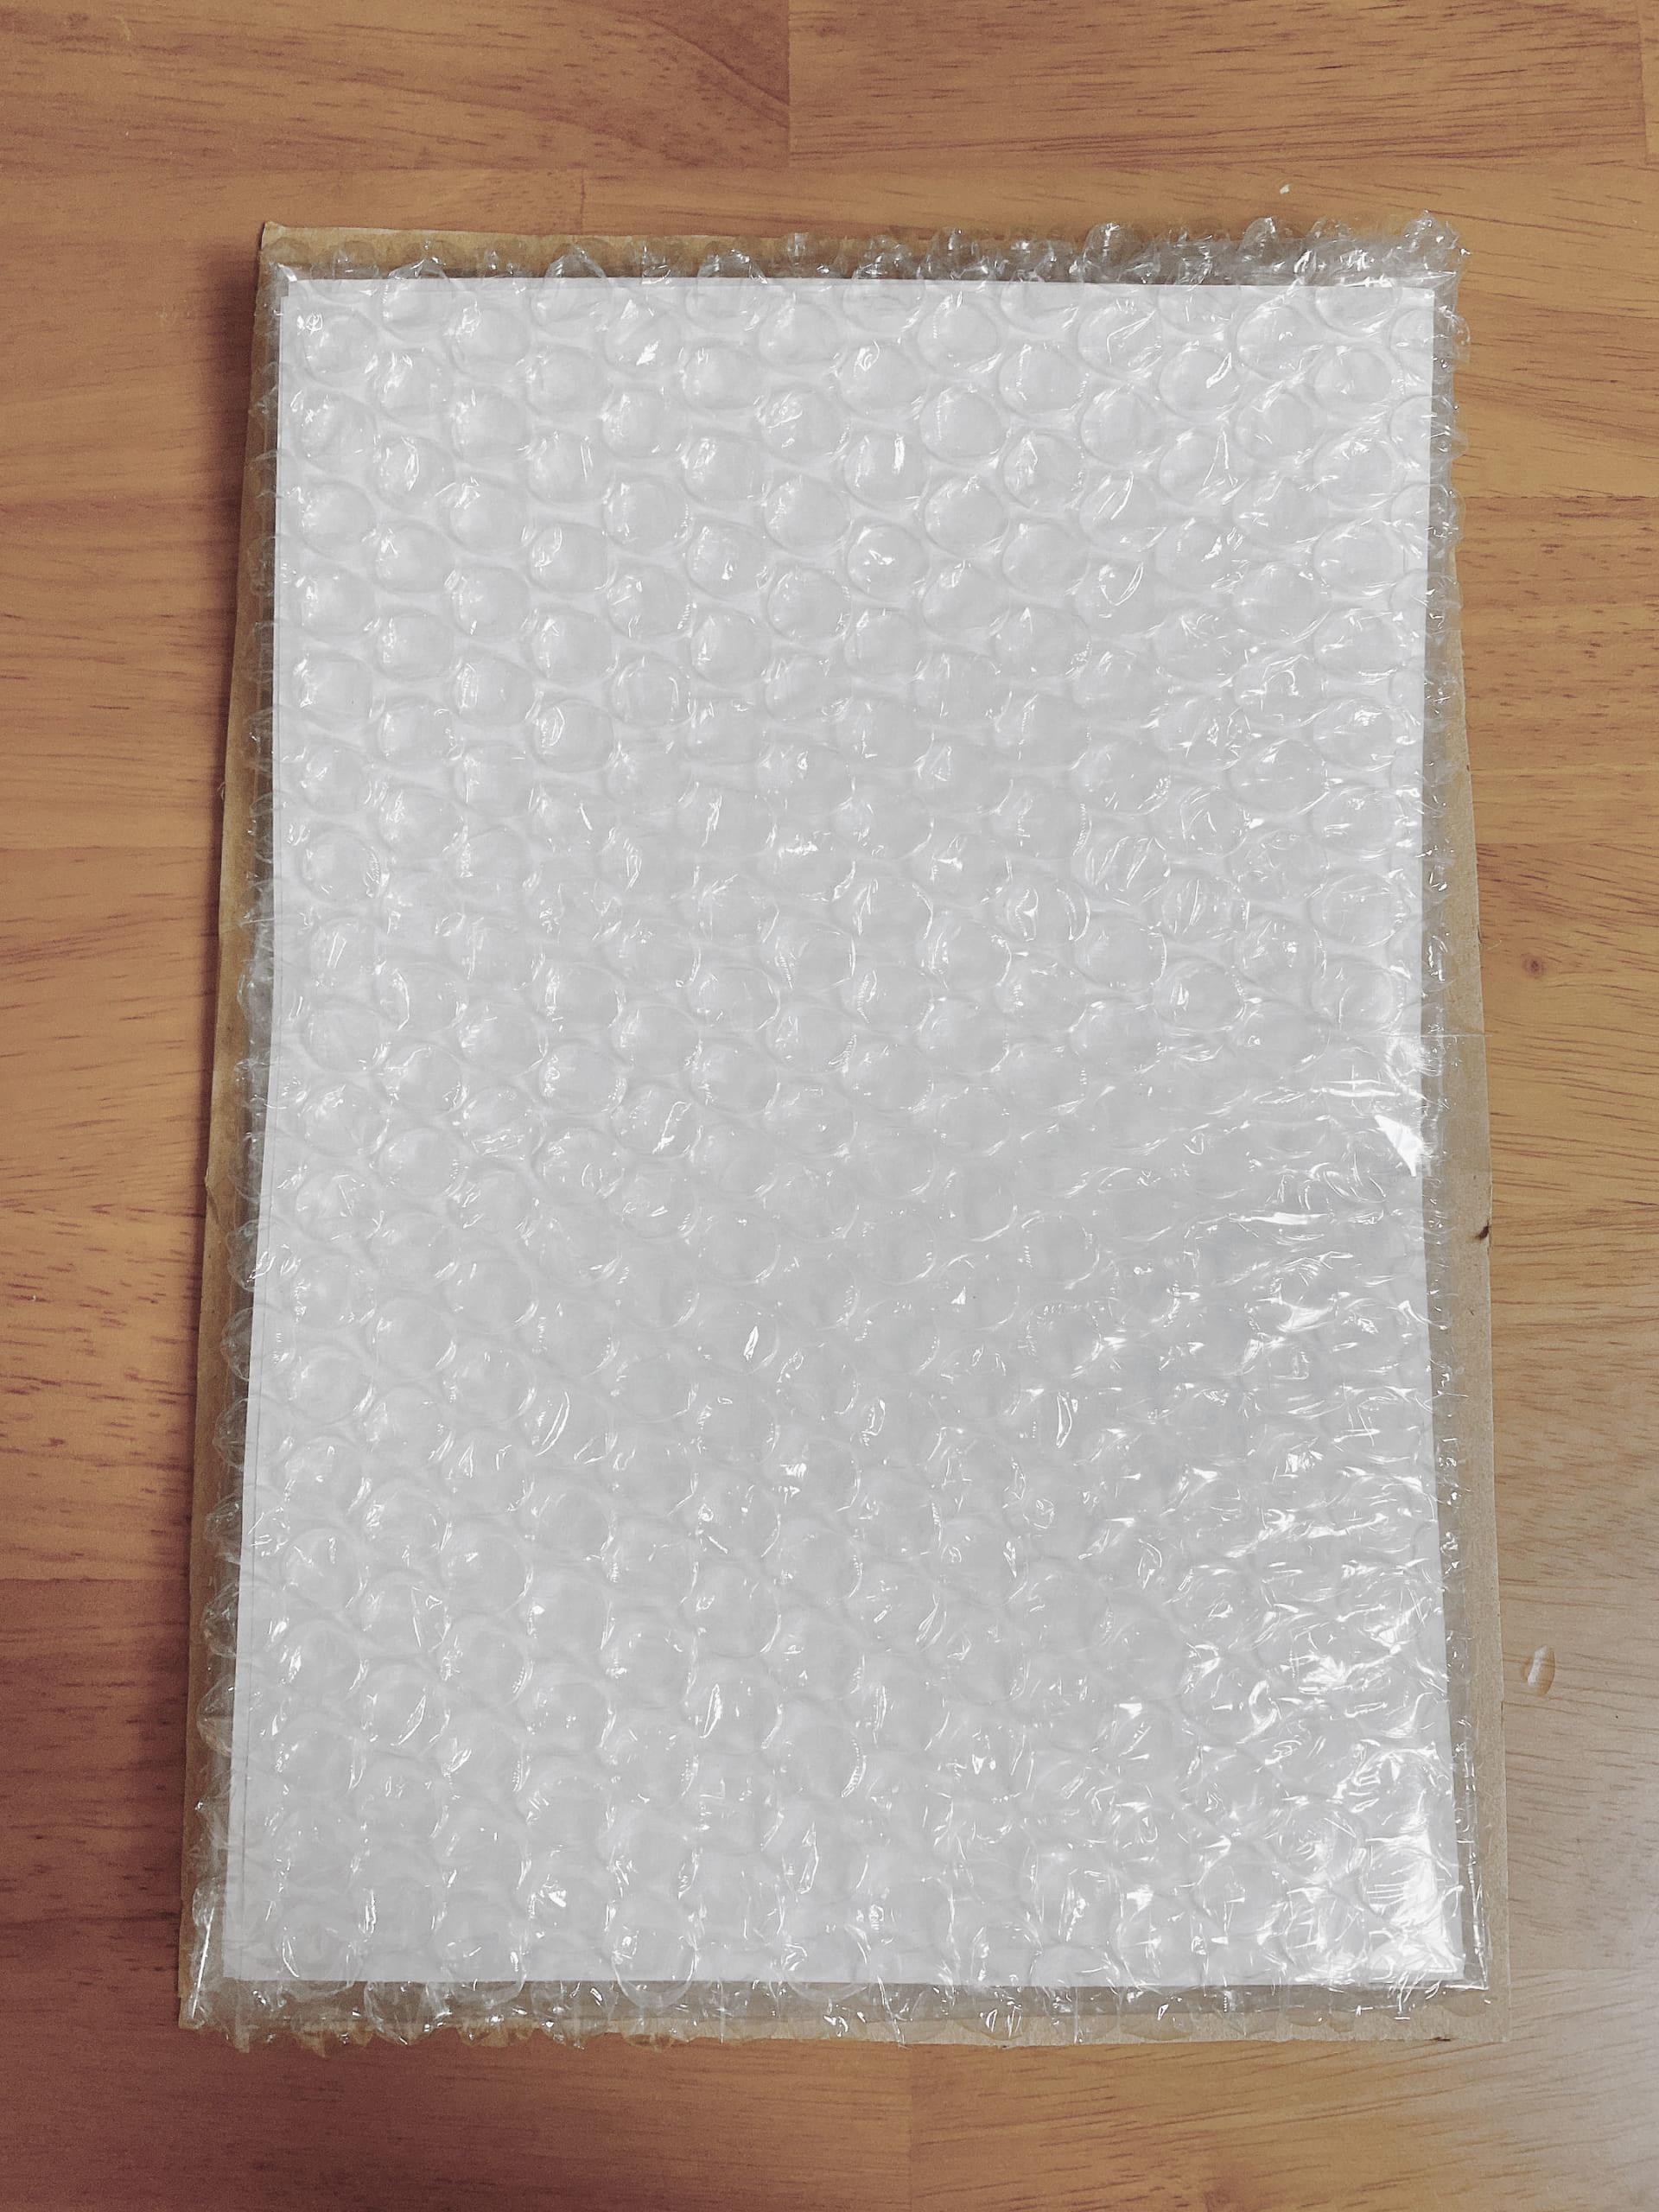 厚紙を同人誌よりも一回り大きなサイズにカット、その厚紙に梱包した同人誌を固定する